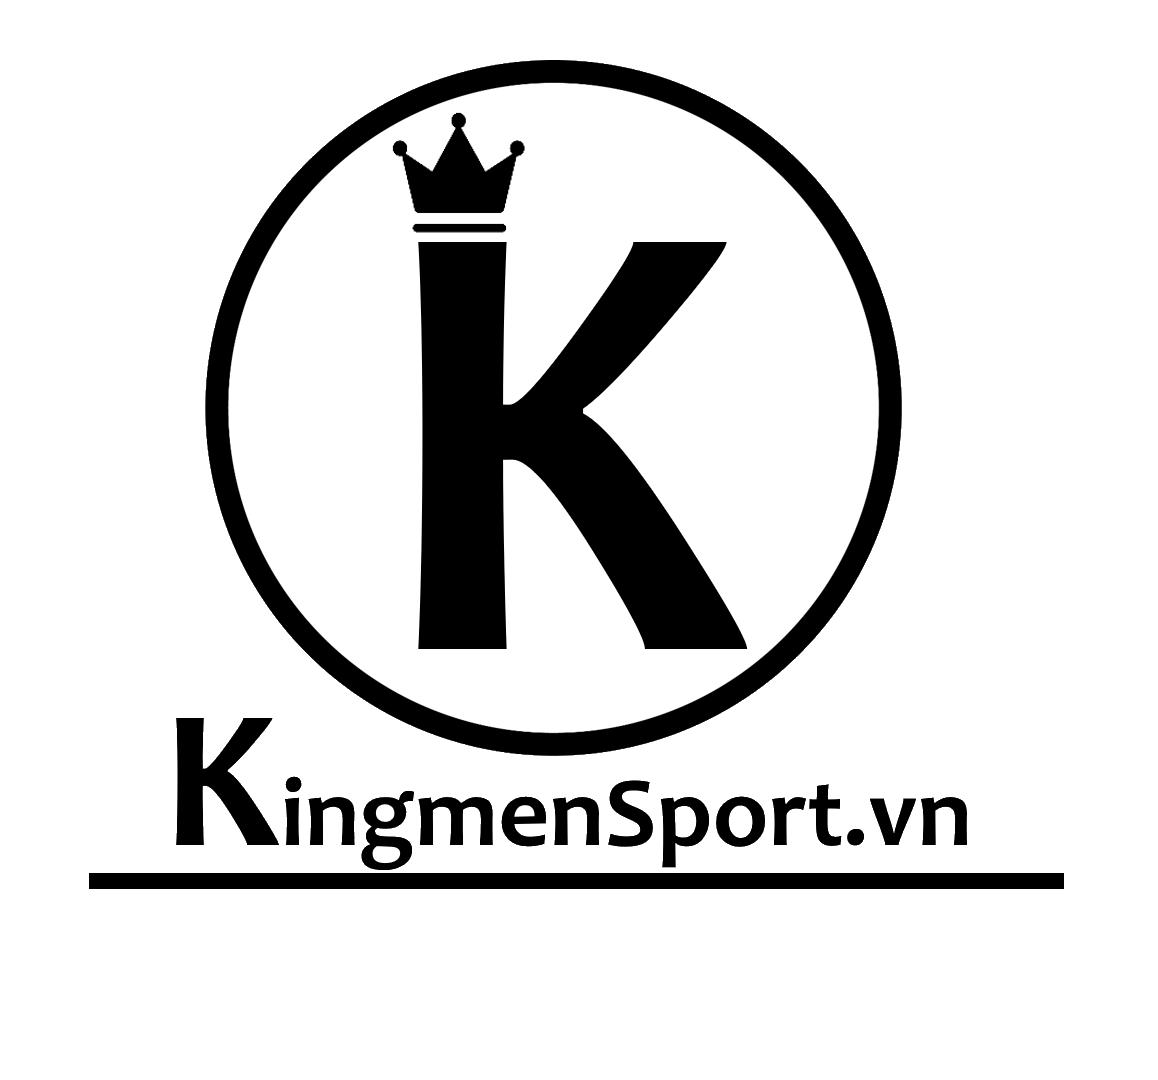 KingMenSport – Shop Đồ Quần Áo Giầy Nam Thể Thao Đẹp Giá Tốt Hà Nội TPHCM